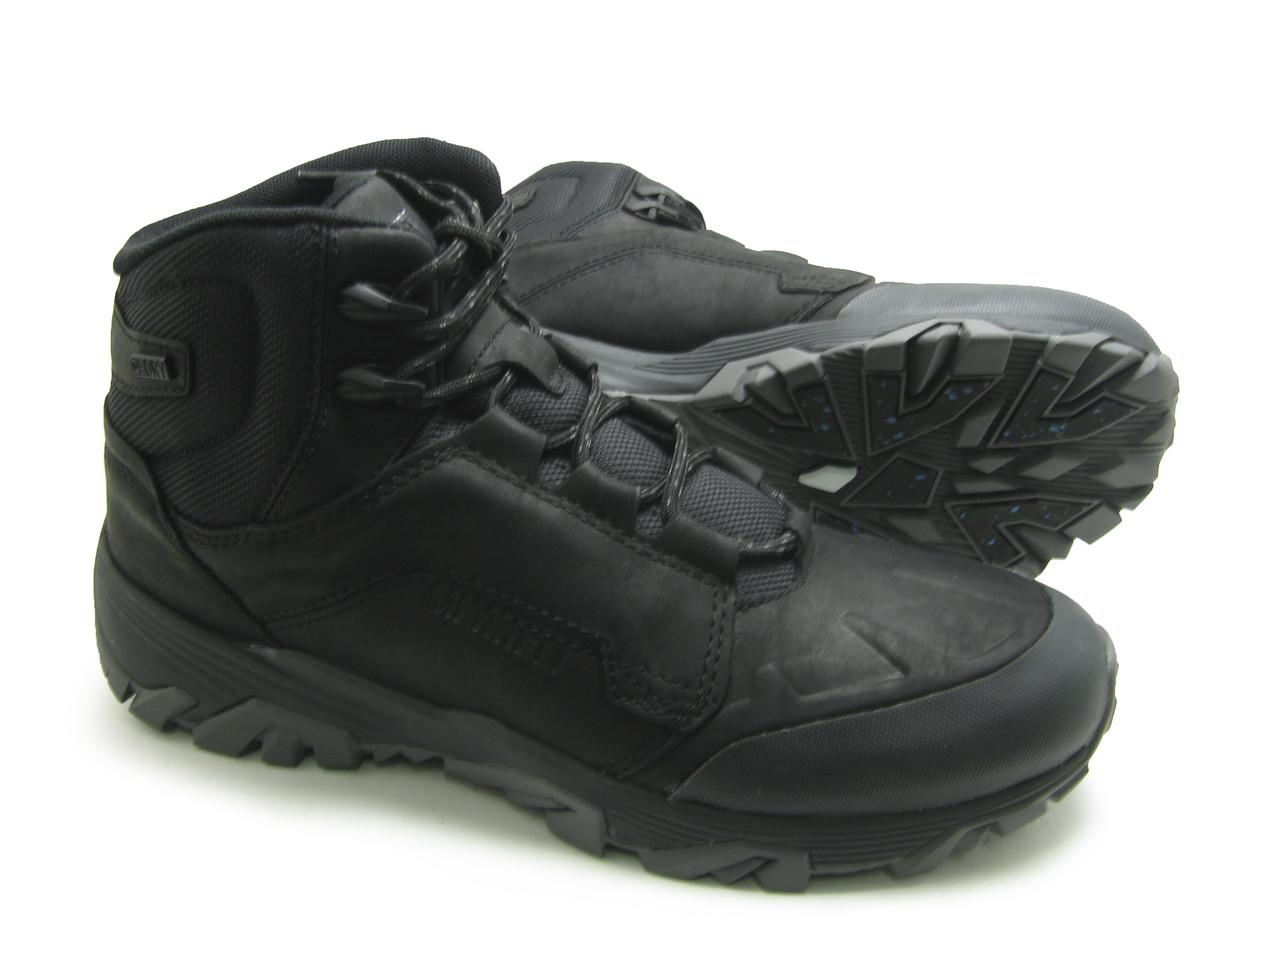 Ботинки зимние мужские Merrell COLDPACK ICE+ MID POLAR WTPF